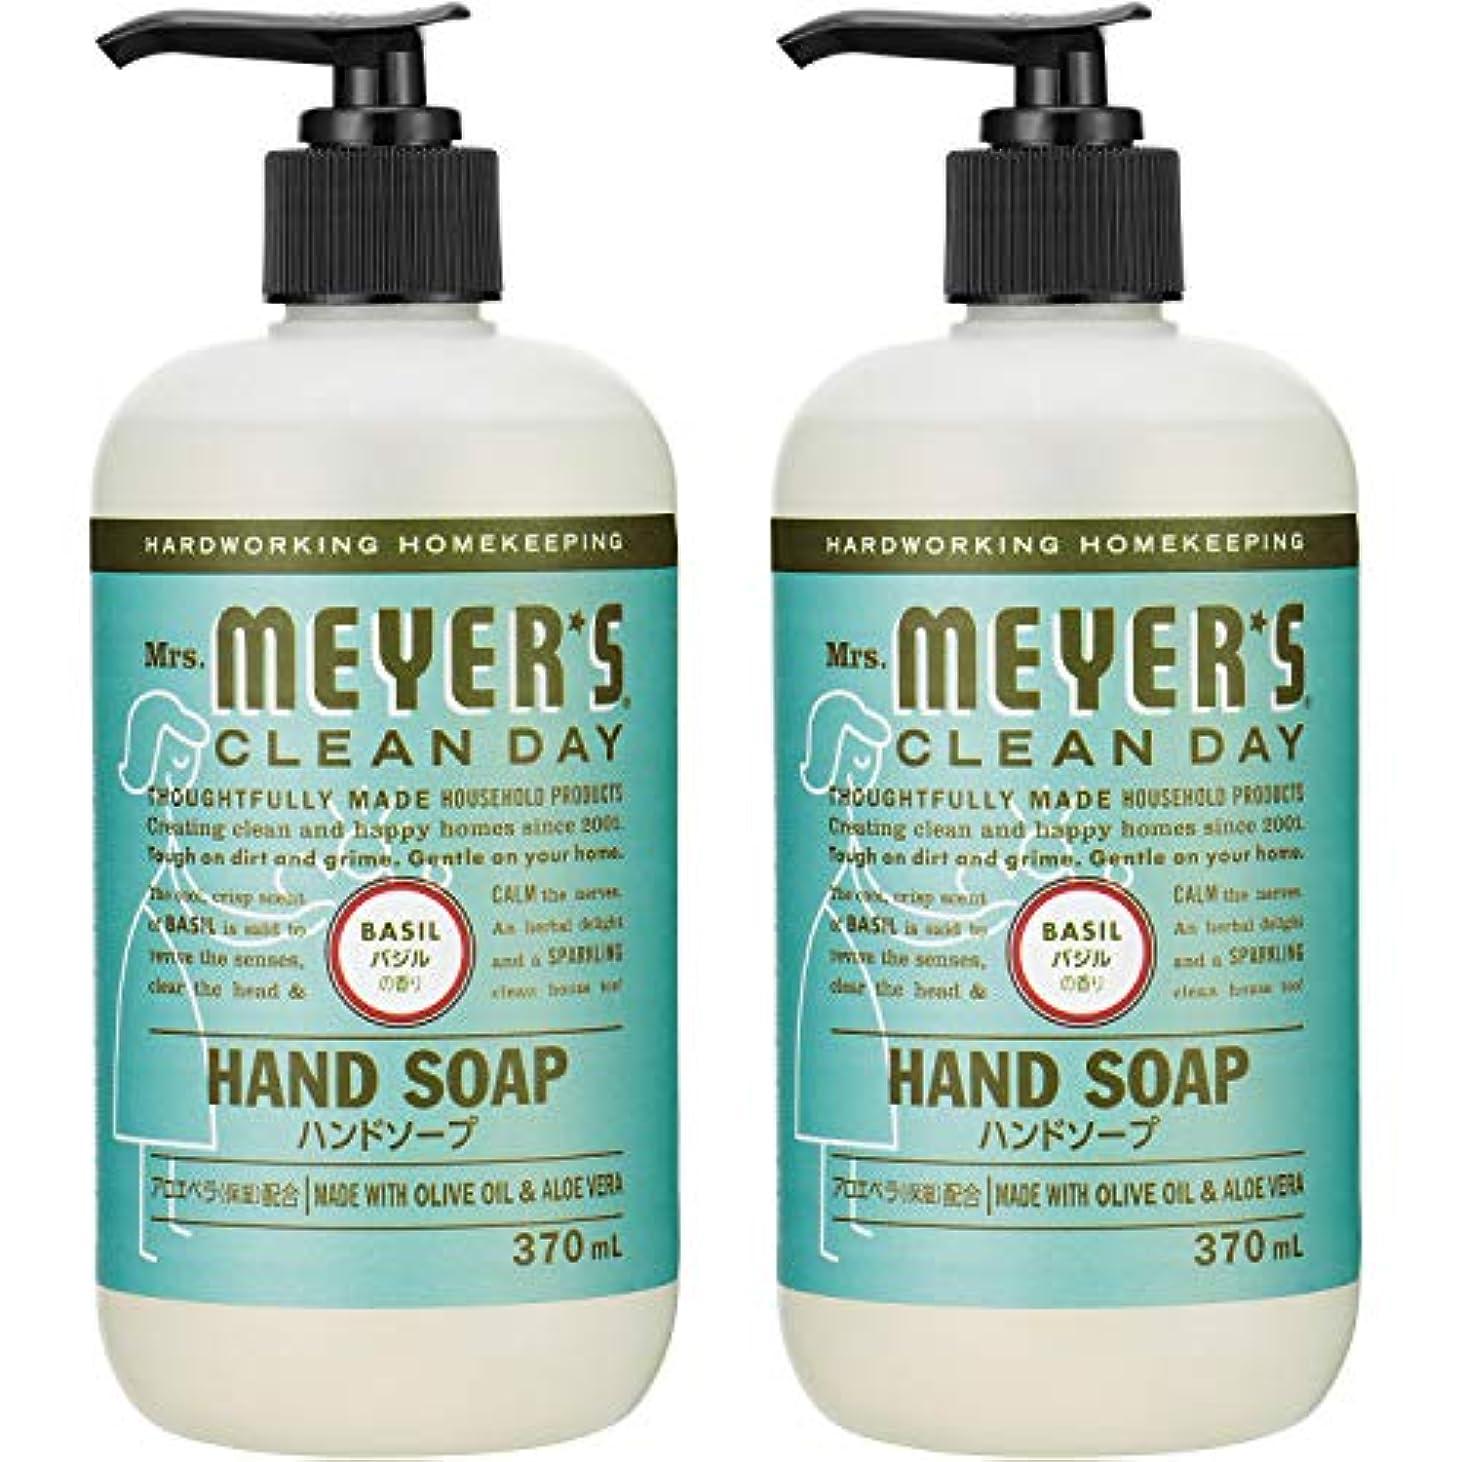 乗算底シェーバーMrs. MEYER'S CLEAN DAY(ミセスマイヤーズ クリーンデイ) ミセスマイヤーズ クリーンデイ(Mrs.Meyers Clean Day) ハンドソープ バジルの香り 370ml×2個